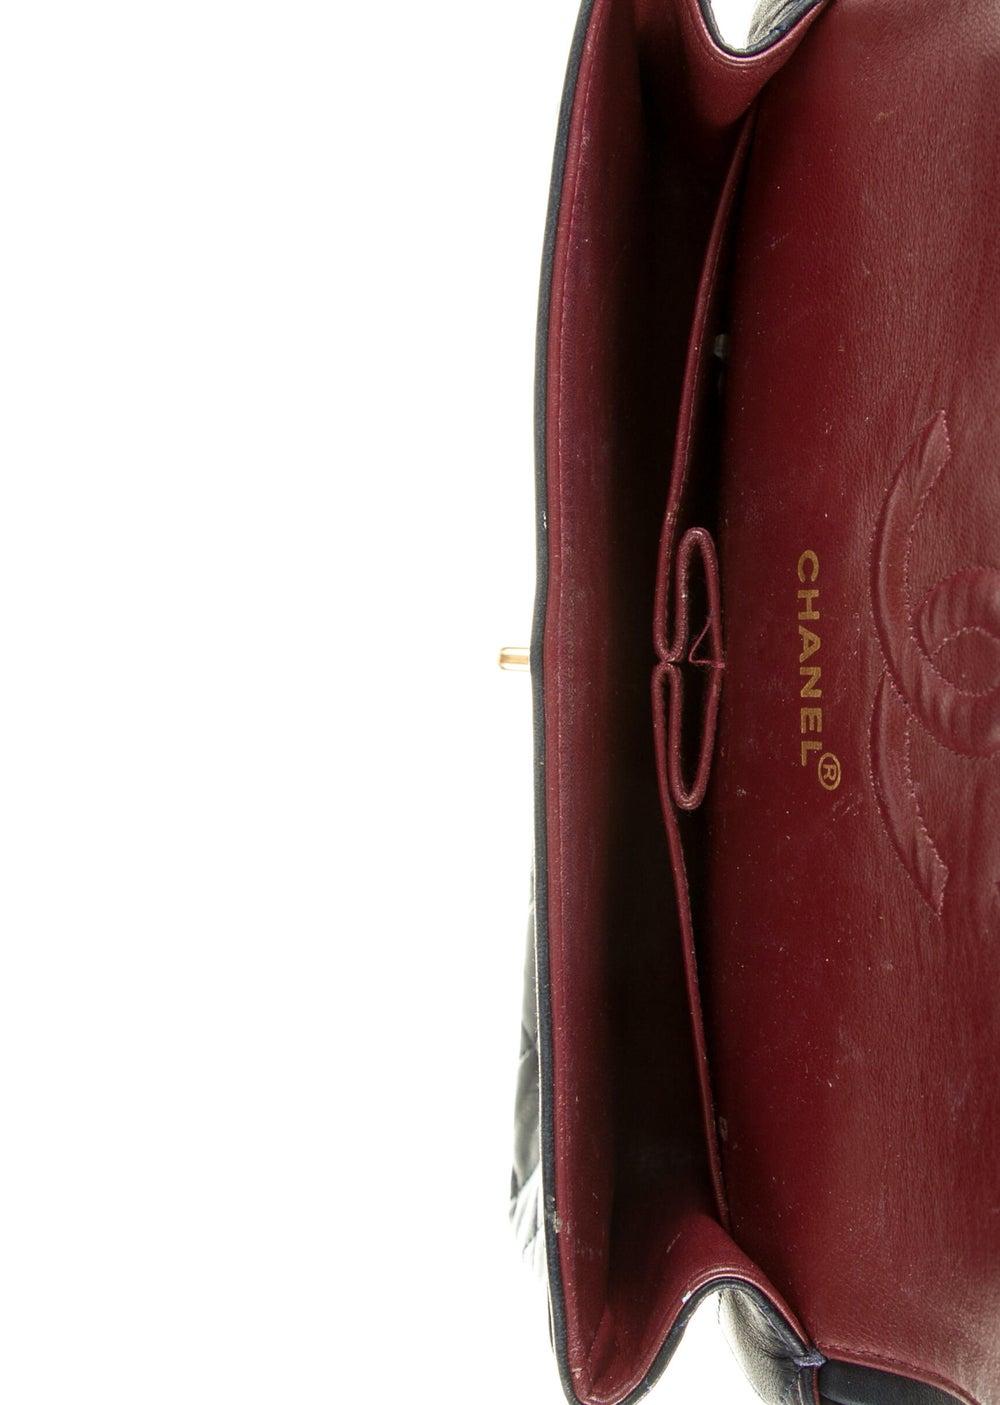 Chanel Vintage Classic Medium Double Flap Bag Blue - image 5